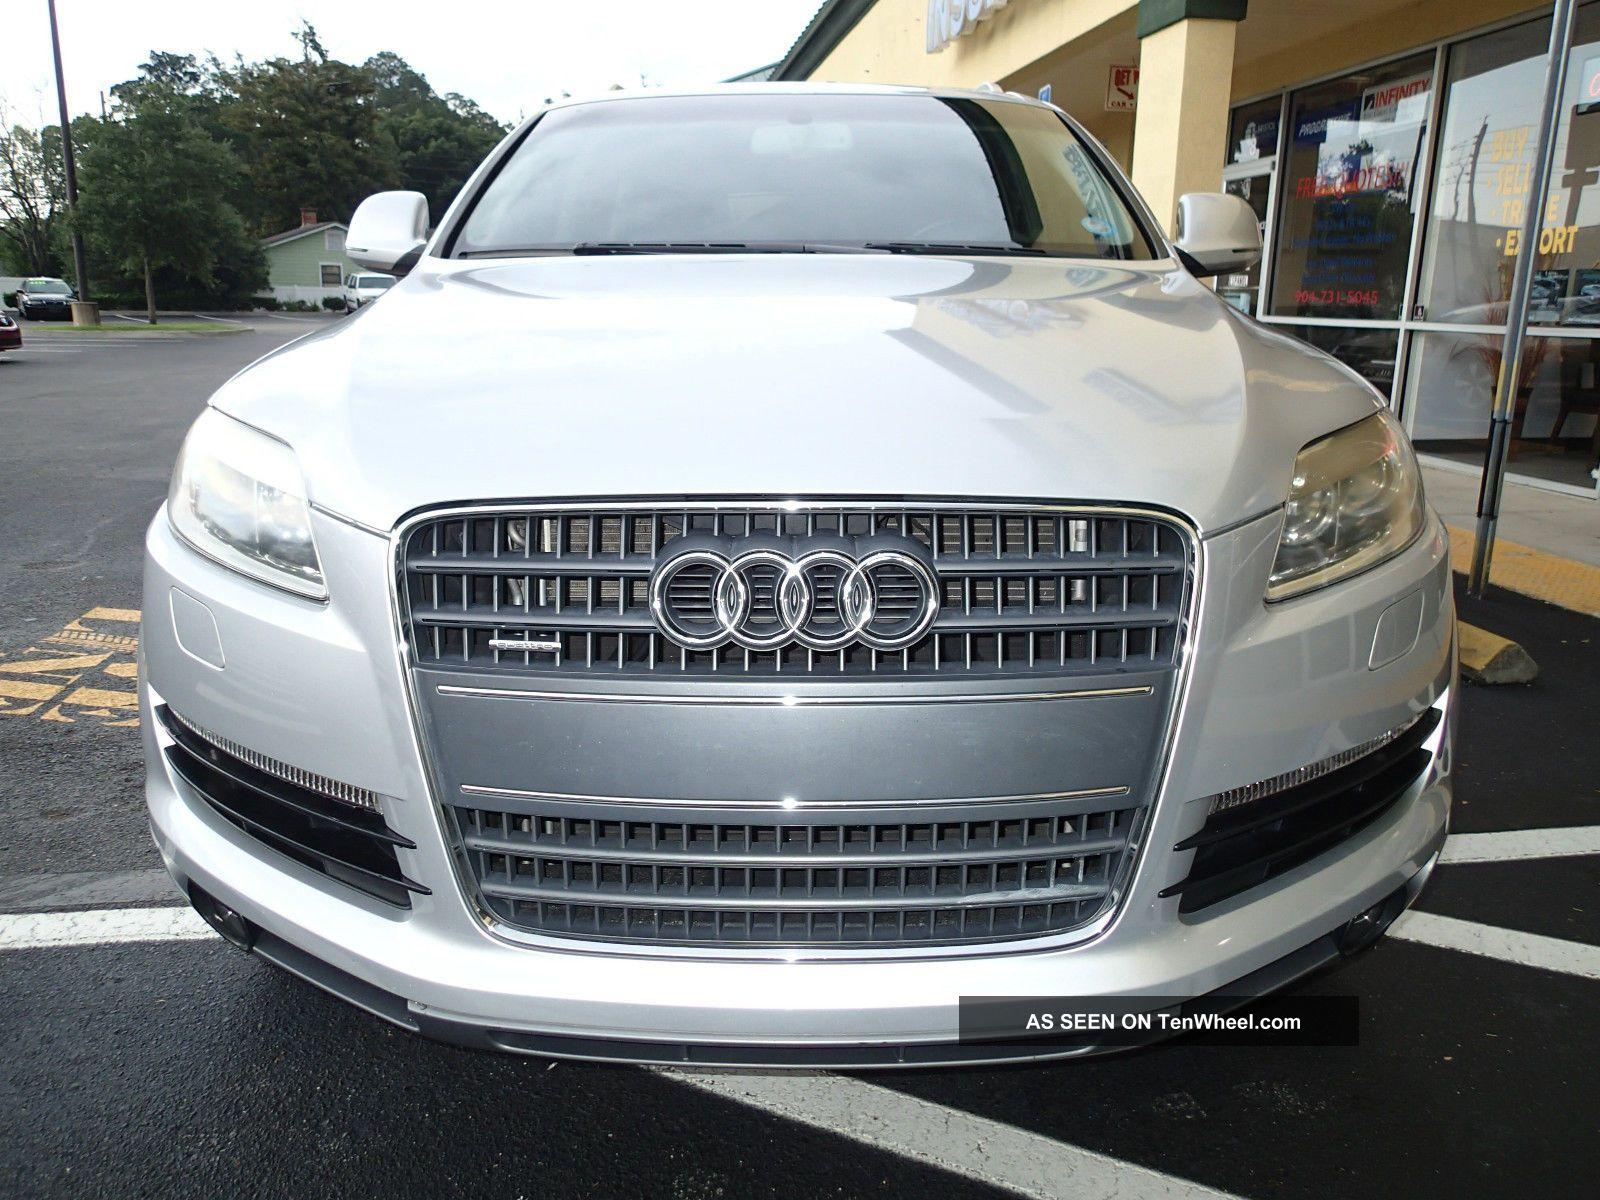 2007 Audi Q7 -, 3rd Row Seating, Awd, Florida Car,